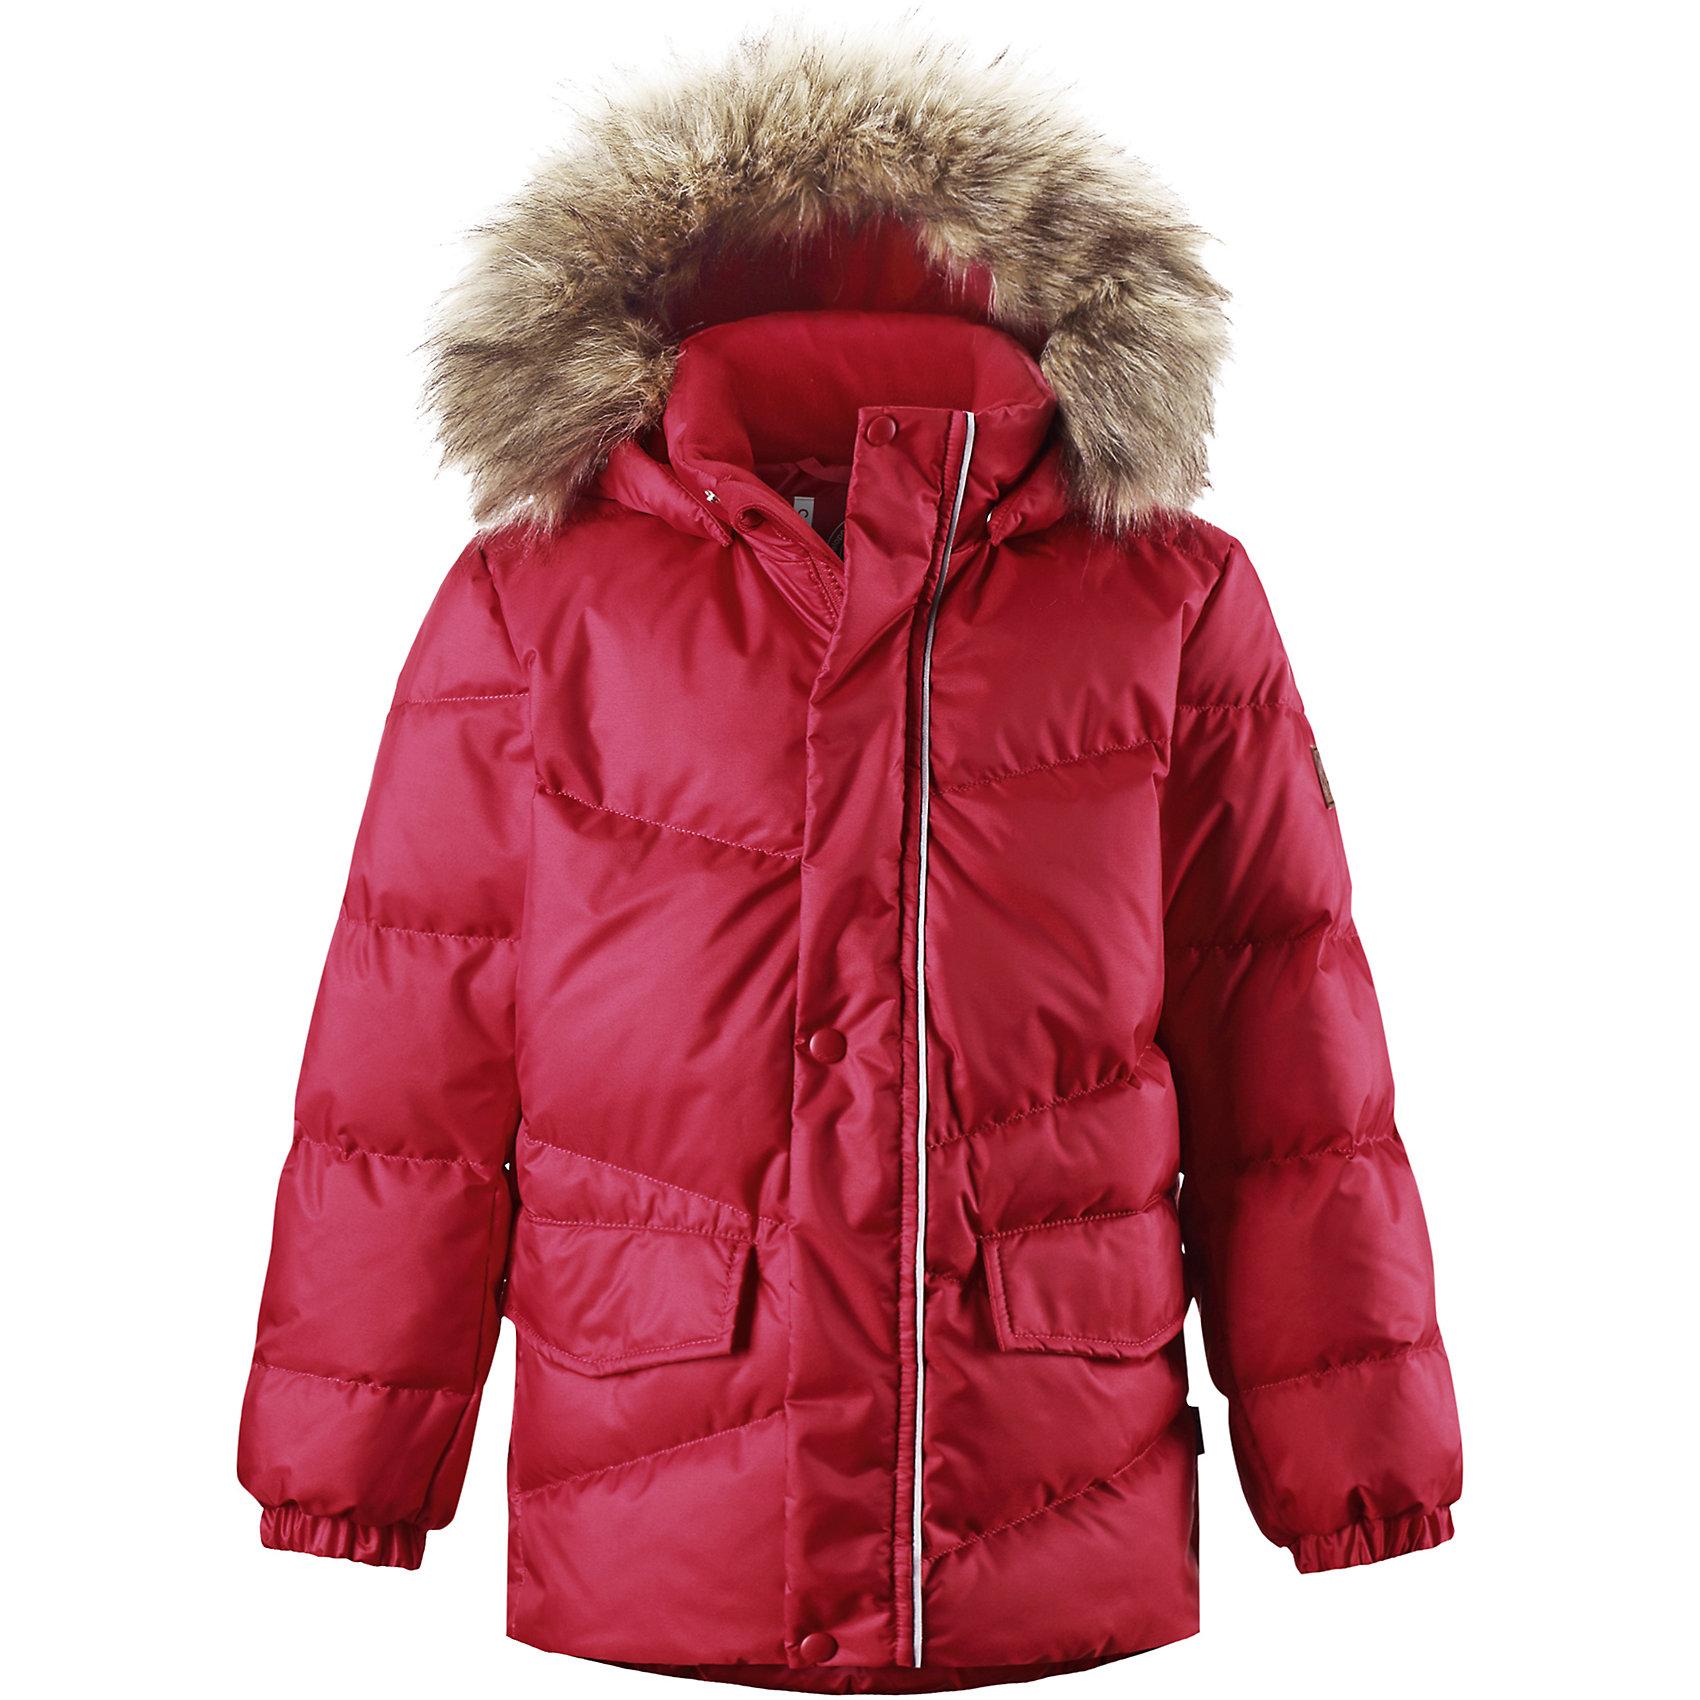 Куртка для мальчика ReimaКуртка для мальчика Reima<br>Пуховая куртка для подростков. Водоотталкивающий, ветронепроницаемый, «дышащий» и грязеотталкивающий материал. Гладкая подкладка из полиэстра. В качестве утеплителя использованы пух и перо (60%/40%). Безопасный съемный капюшон с отсоединяемой меховой каймой из искусственного меха. Регулируемый подол. Два кармана с клапанами. Безопасные светоотражающие детали. Петля для дополнительных светоотражающих деталей.<br>Уход:<br>Стирать по отдельности, вывернув наизнанку. Перед стиркой отстегните искусственный мех. Застегнуть молнии и липучки. Стирать моющим средством, не содержащим отбеливающие вещества. Полоскать без специального средства. Во избежание изменения цвета изделие необходимо вынуть из стиральной машинки незамедлительно после окончания программы стирки. Барабанное сушение при низкой температуре с 3 теннисными мячиками. Выверните изделие наизнанку в середине сушки.<br>Состав:<br>65% Полиамид, 35% Полиэстер, полиуретановое покрытие<br><br>Ширина мм: 356<br>Глубина мм: 10<br>Высота мм: 245<br>Вес г: 519<br>Цвет: красный<br>Возраст от месяцев: 48<br>Возраст до месяцев: 60<br>Пол: Мужской<br>Возраст: Детский<br>Размер: 110,122,128,134,116,140,164,146,104,152,158<br>SKU: 4778339